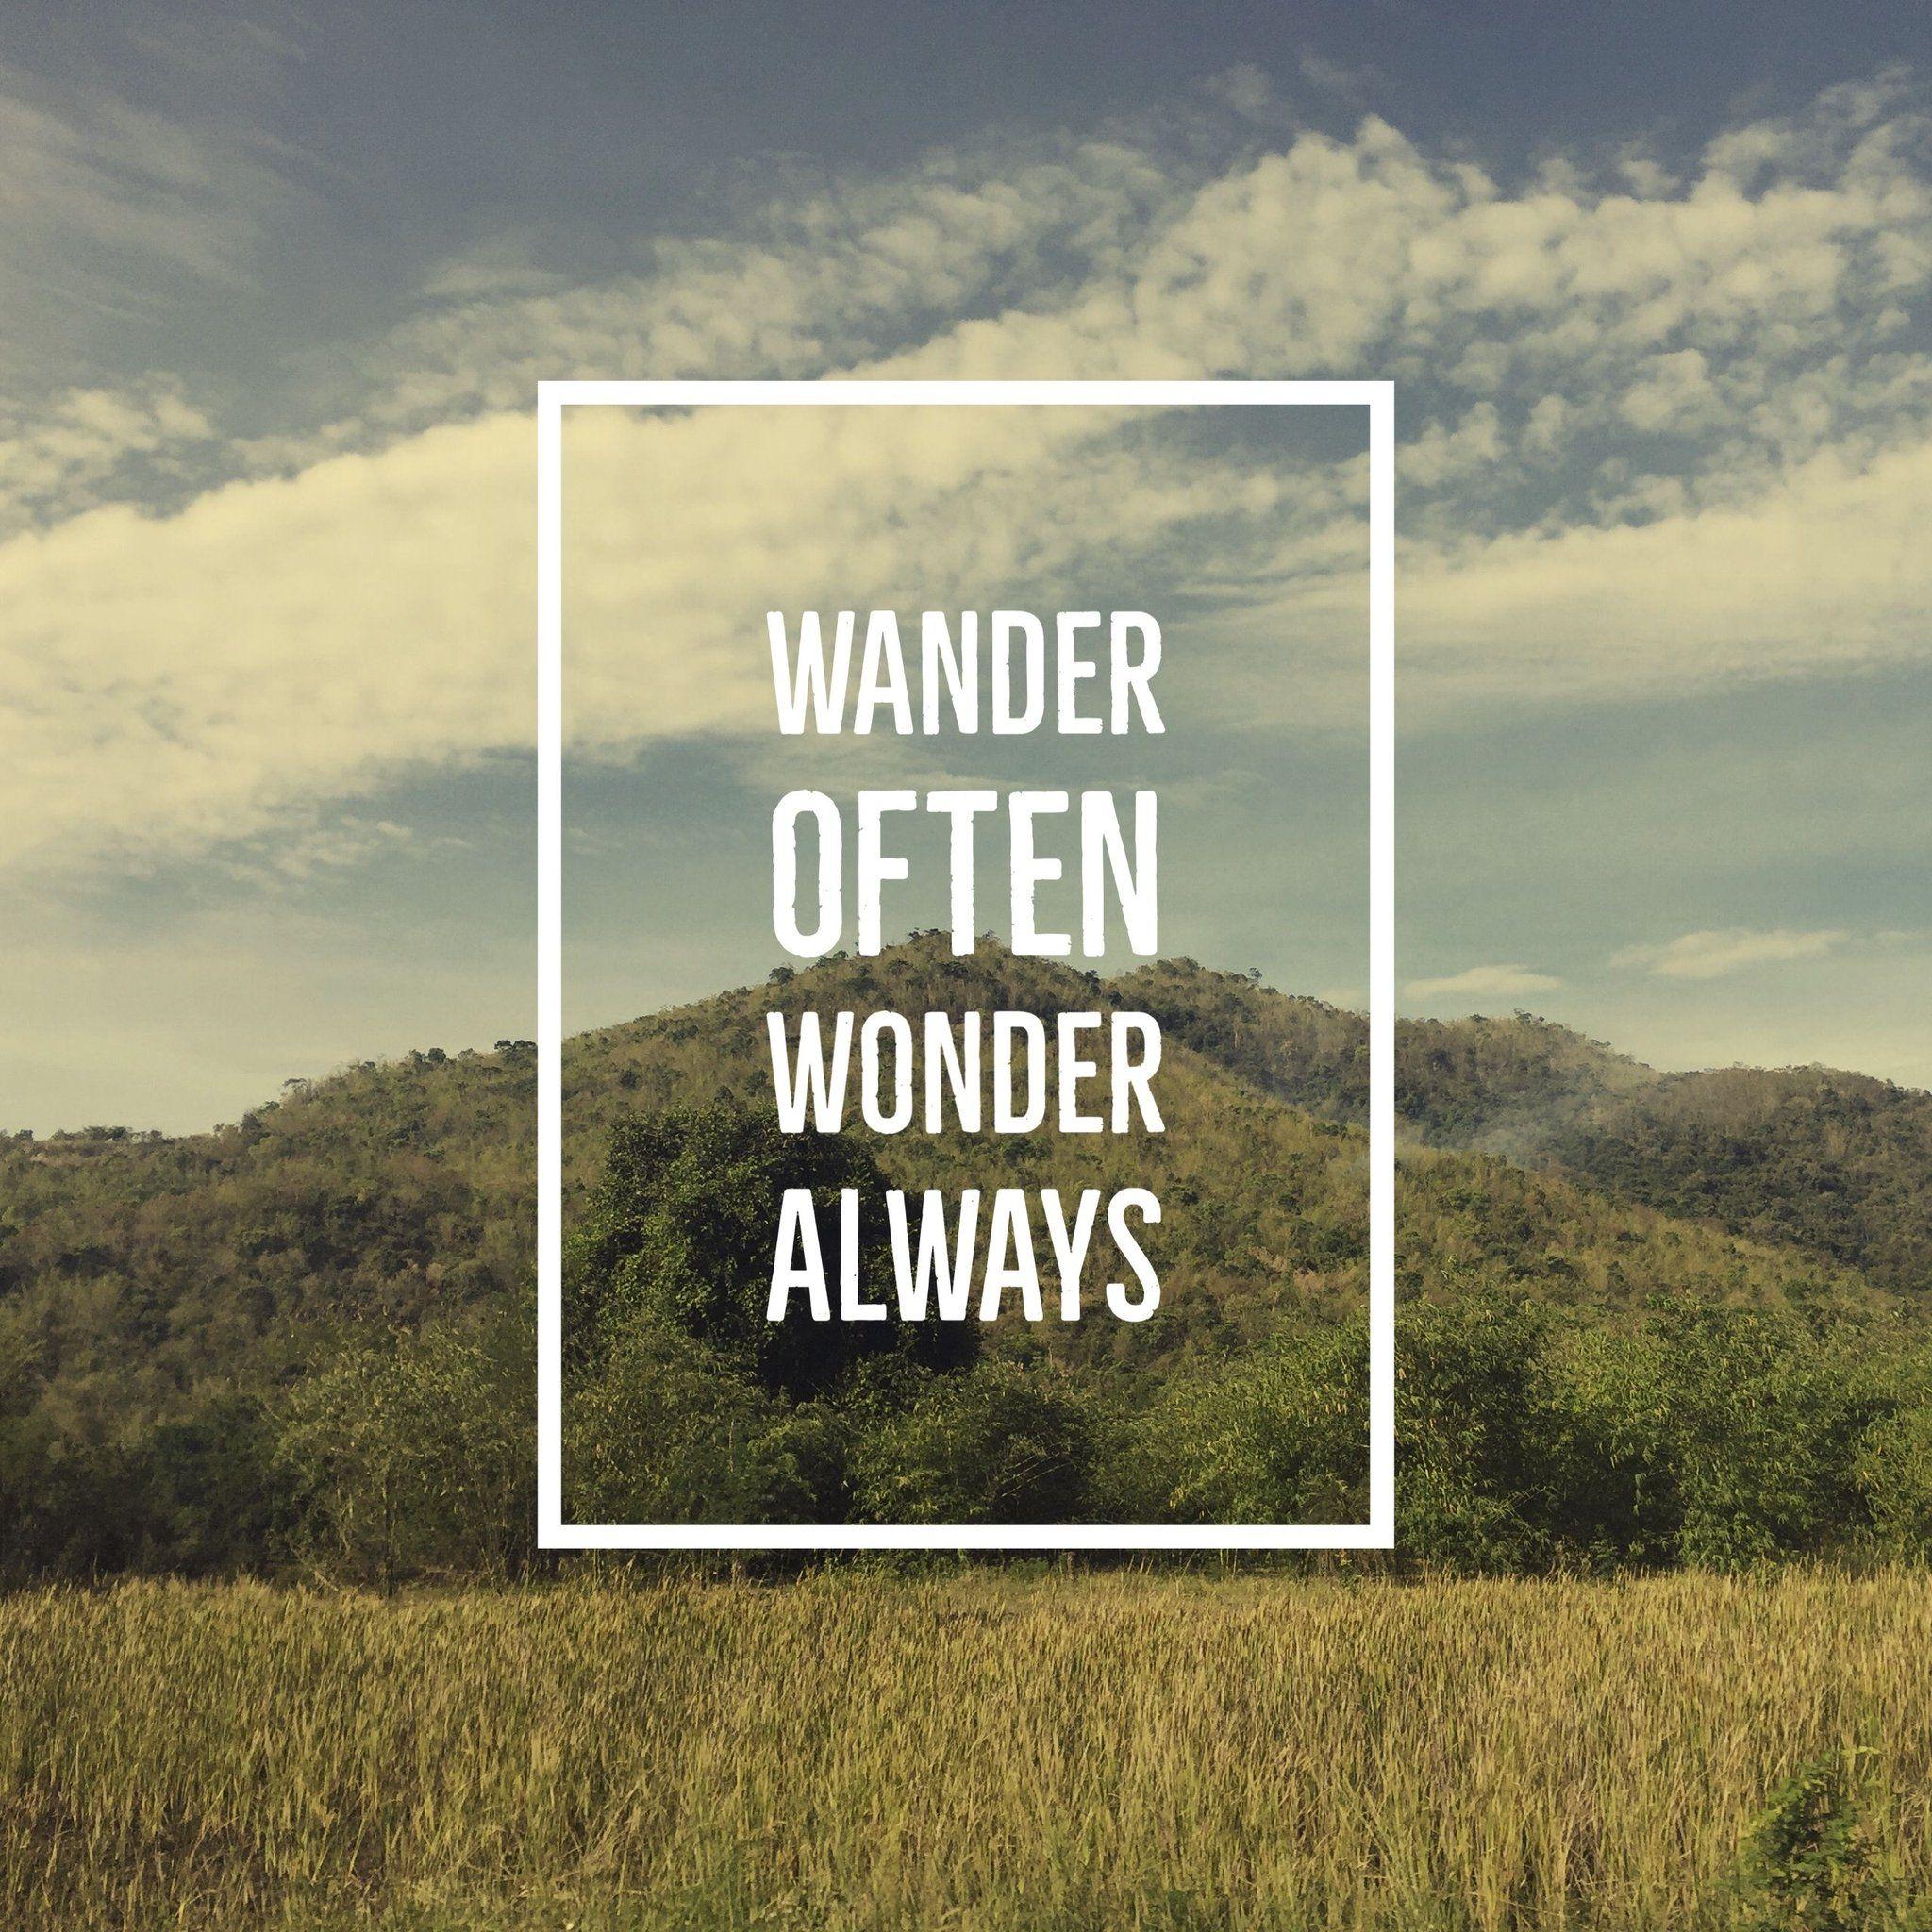 Wander Often Wonder Always  https://t.co/f3LkDM6LSi: @TravelAtLast